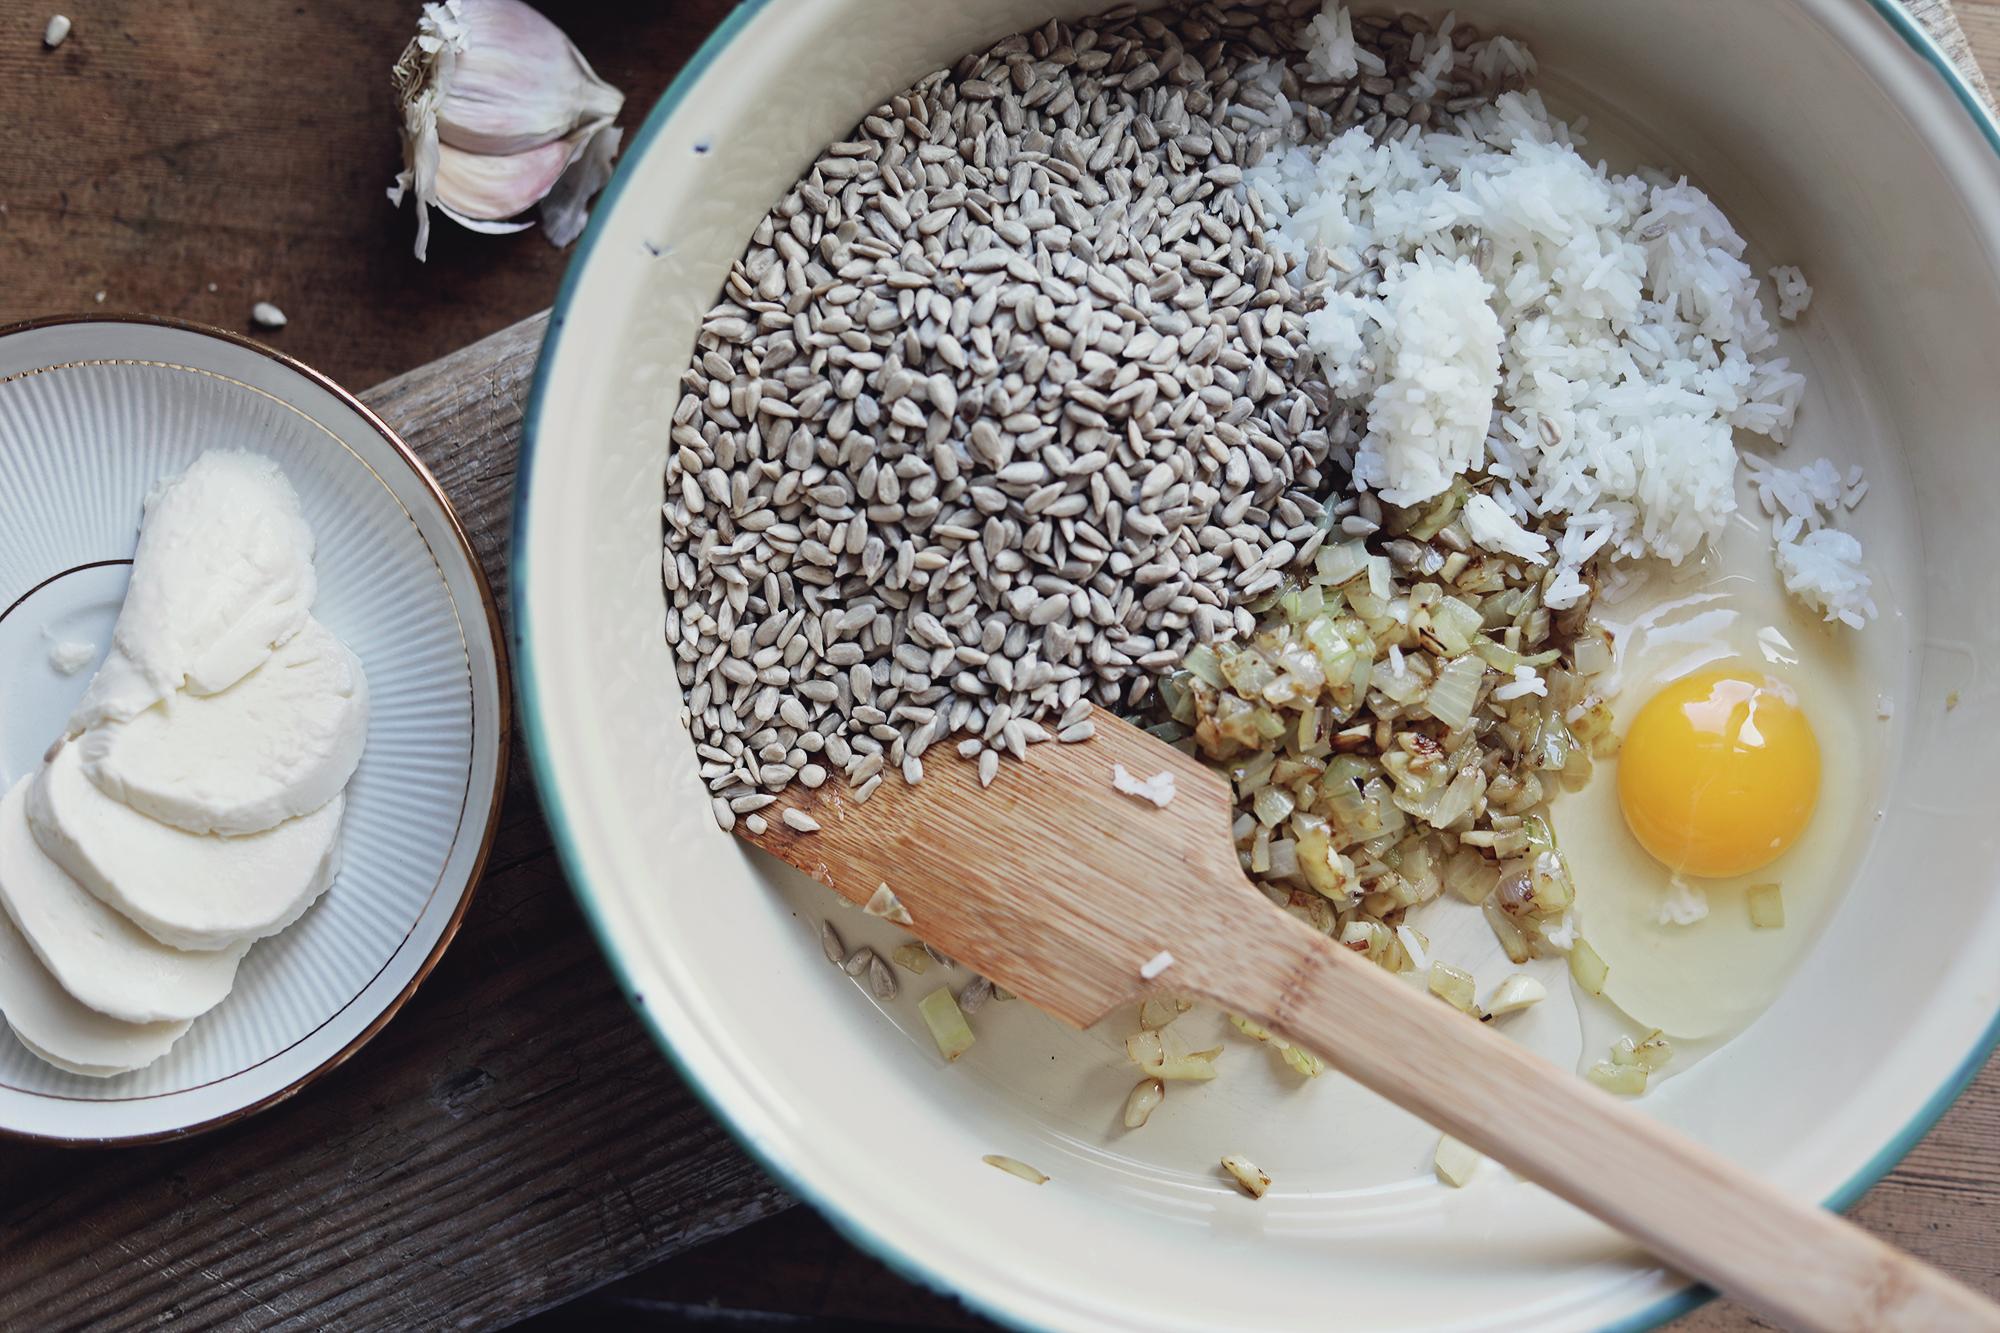 vegetariskt recept biffar grilla solrosbiffar solrosfrön klyftpotatis by emmasvintage